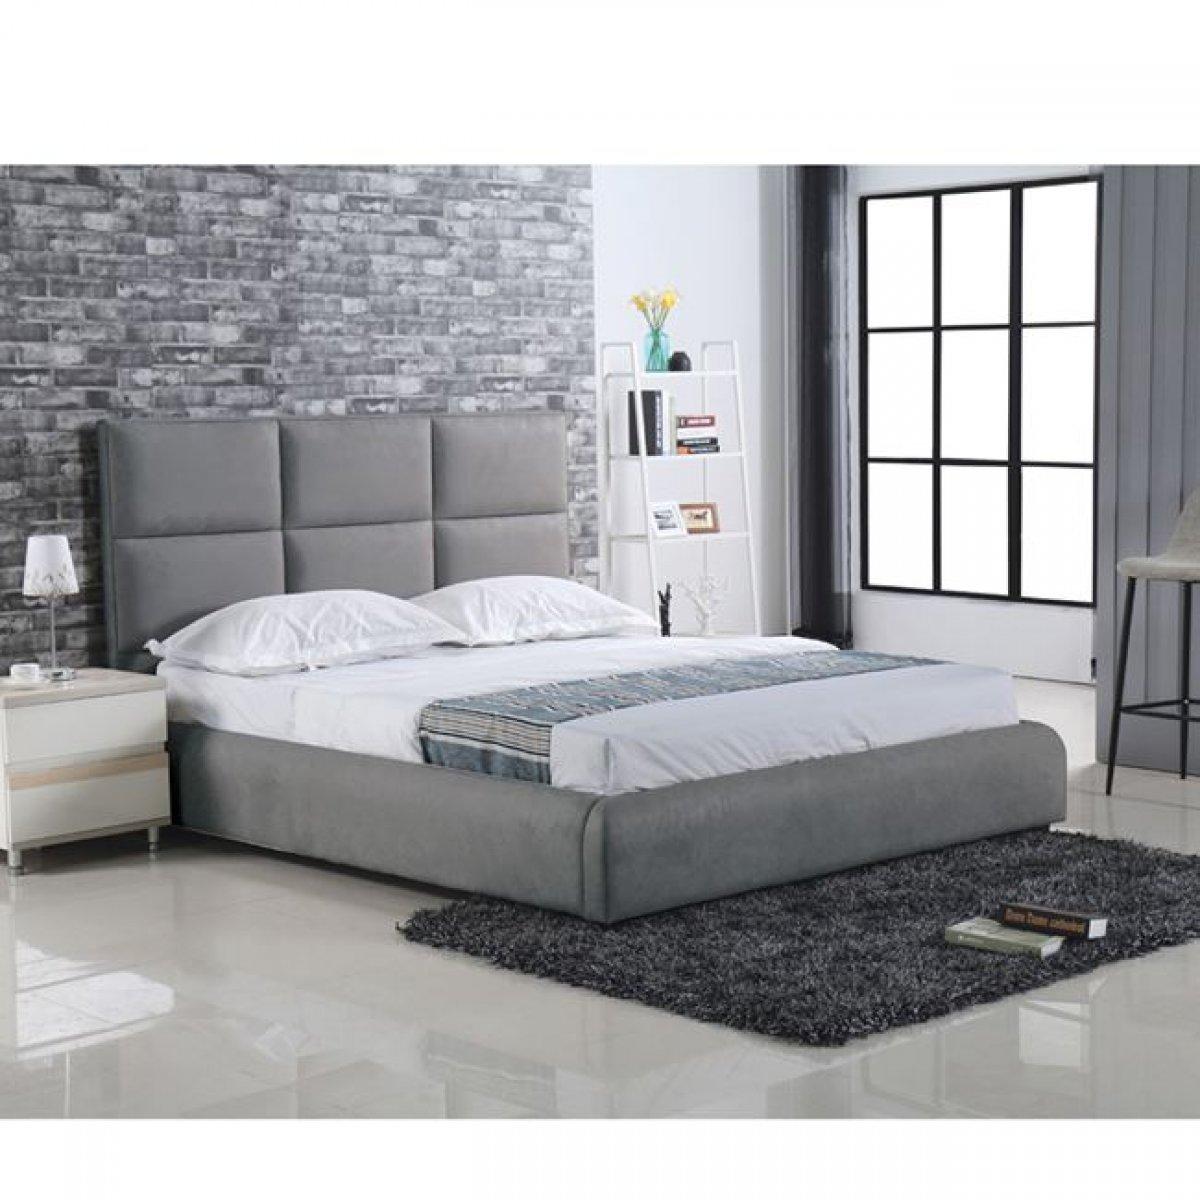 b4b574889fe8 Κρεβάτι